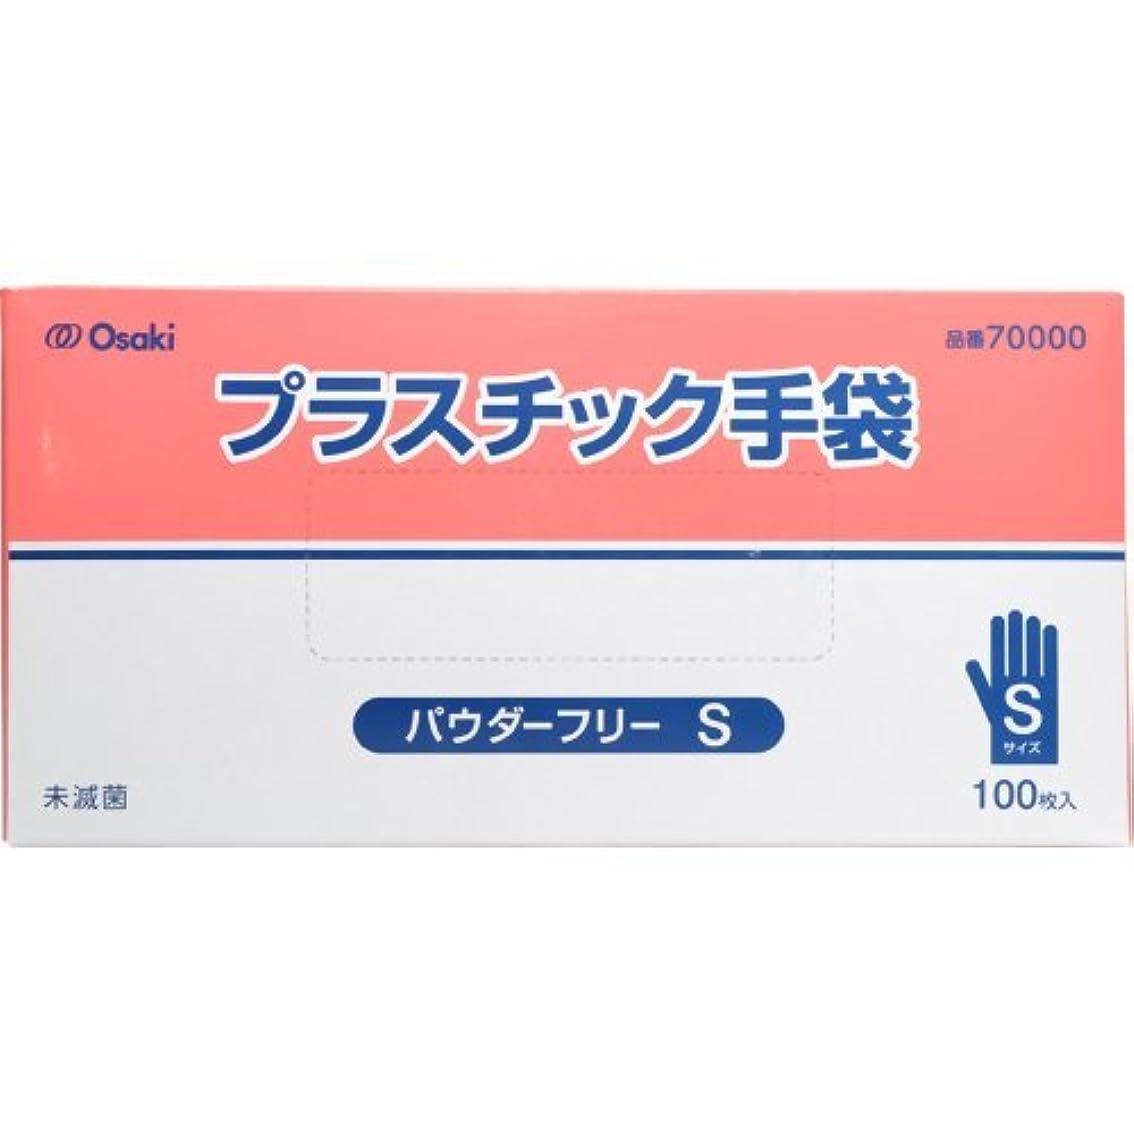 メールケニア散文オオサキメディカル プラスチック手袋 PF Sサイズ 100枚入